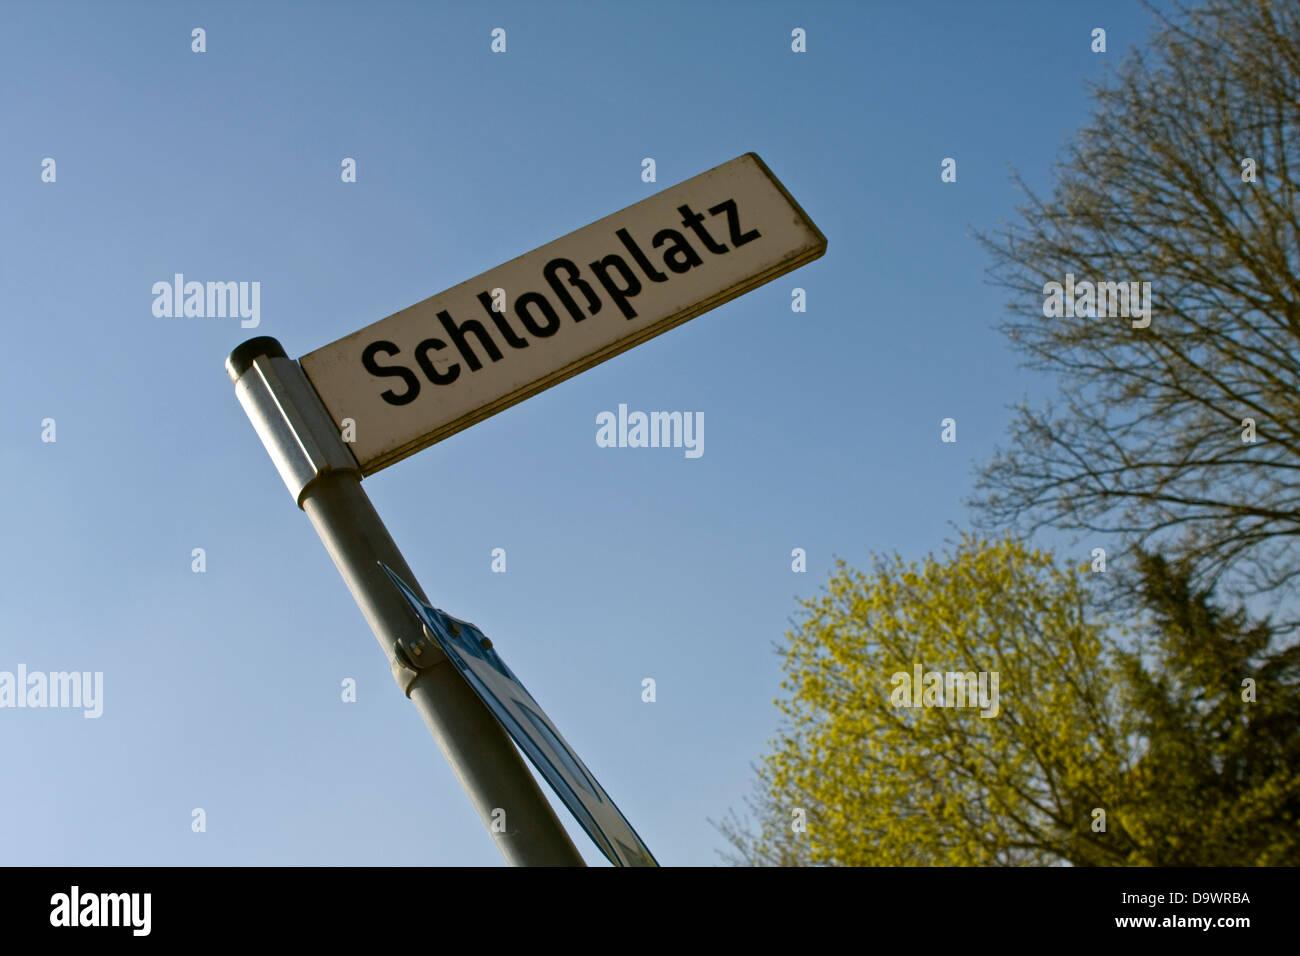 Europe,Germany,Mecklenburg-Vorpommern, Hohenzieritz,Street sign in Hohenzieritz Schloßplatz - Stock Image